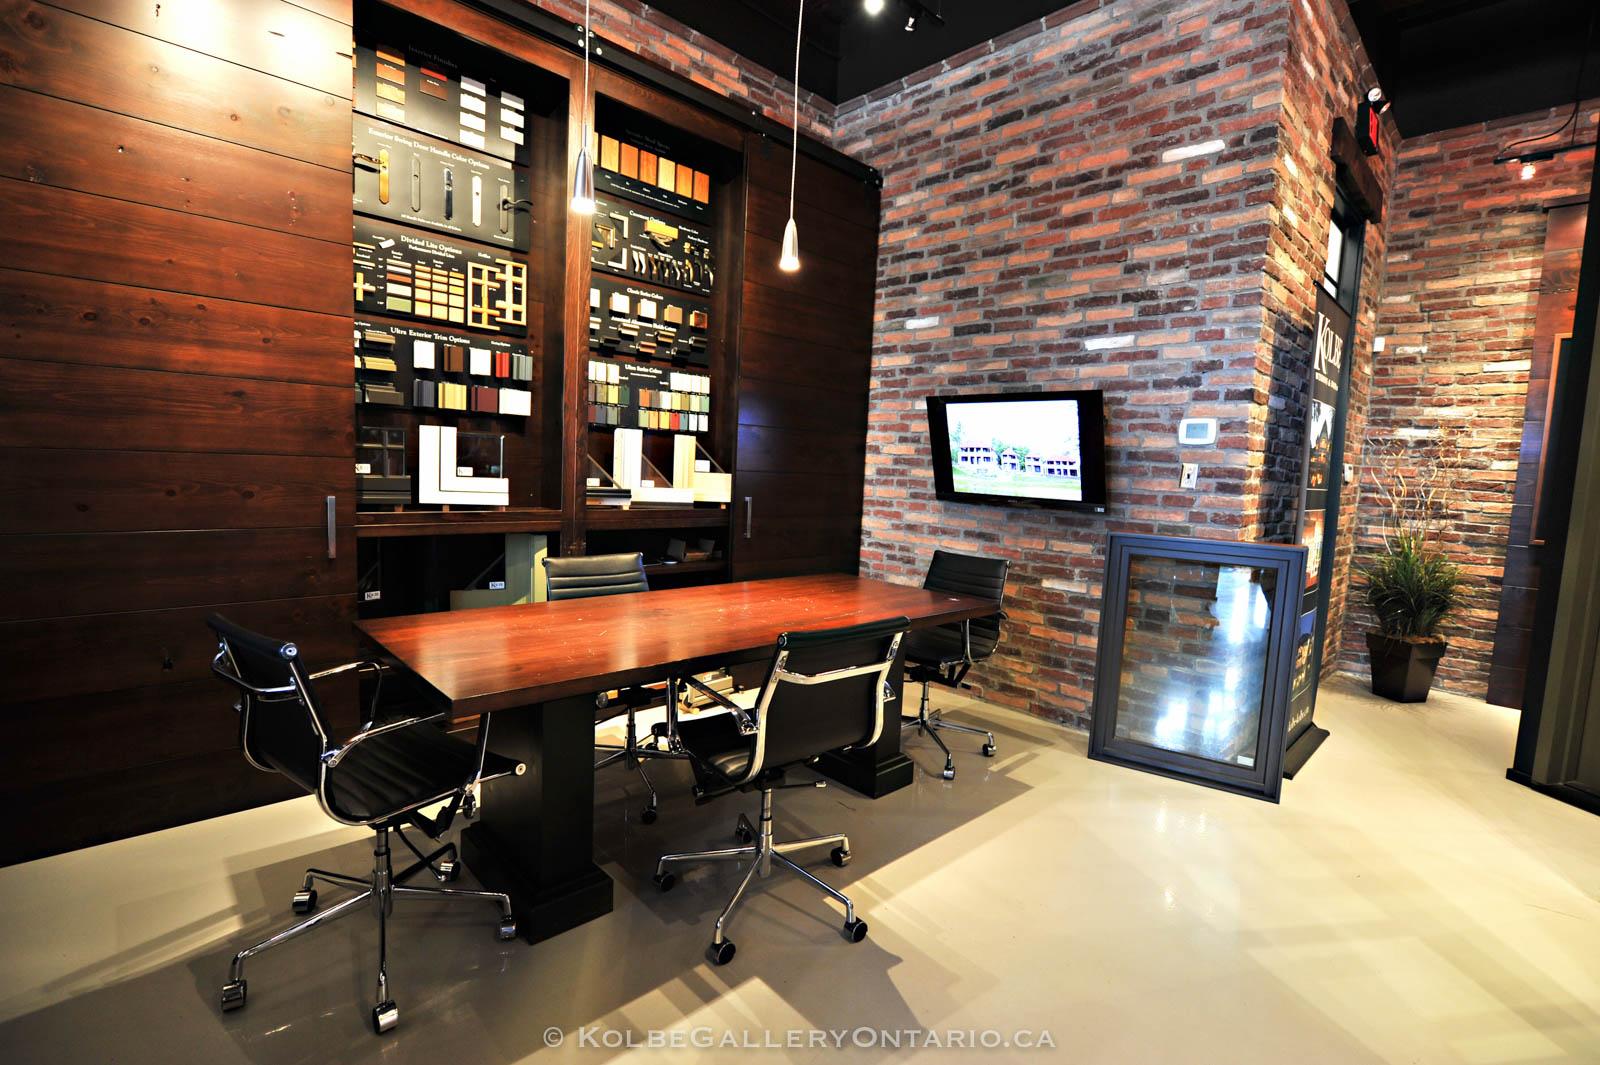 KolbeGalleryOntario.ca-windows-and-doors-Oakville-showroom-20120510-095522